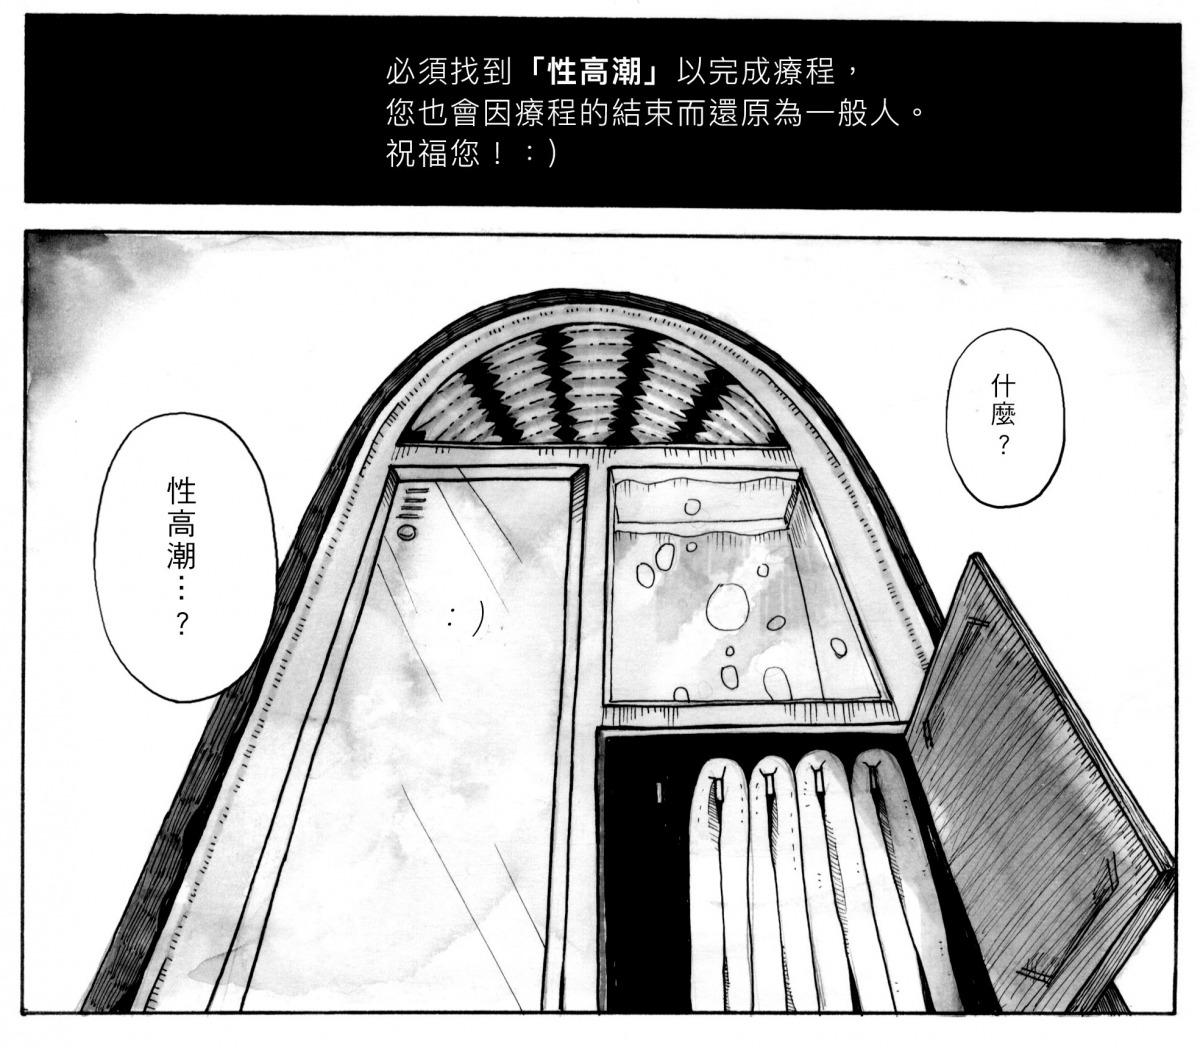 vol.1_dian_zi_shu_-23_cai_qie_.jpg